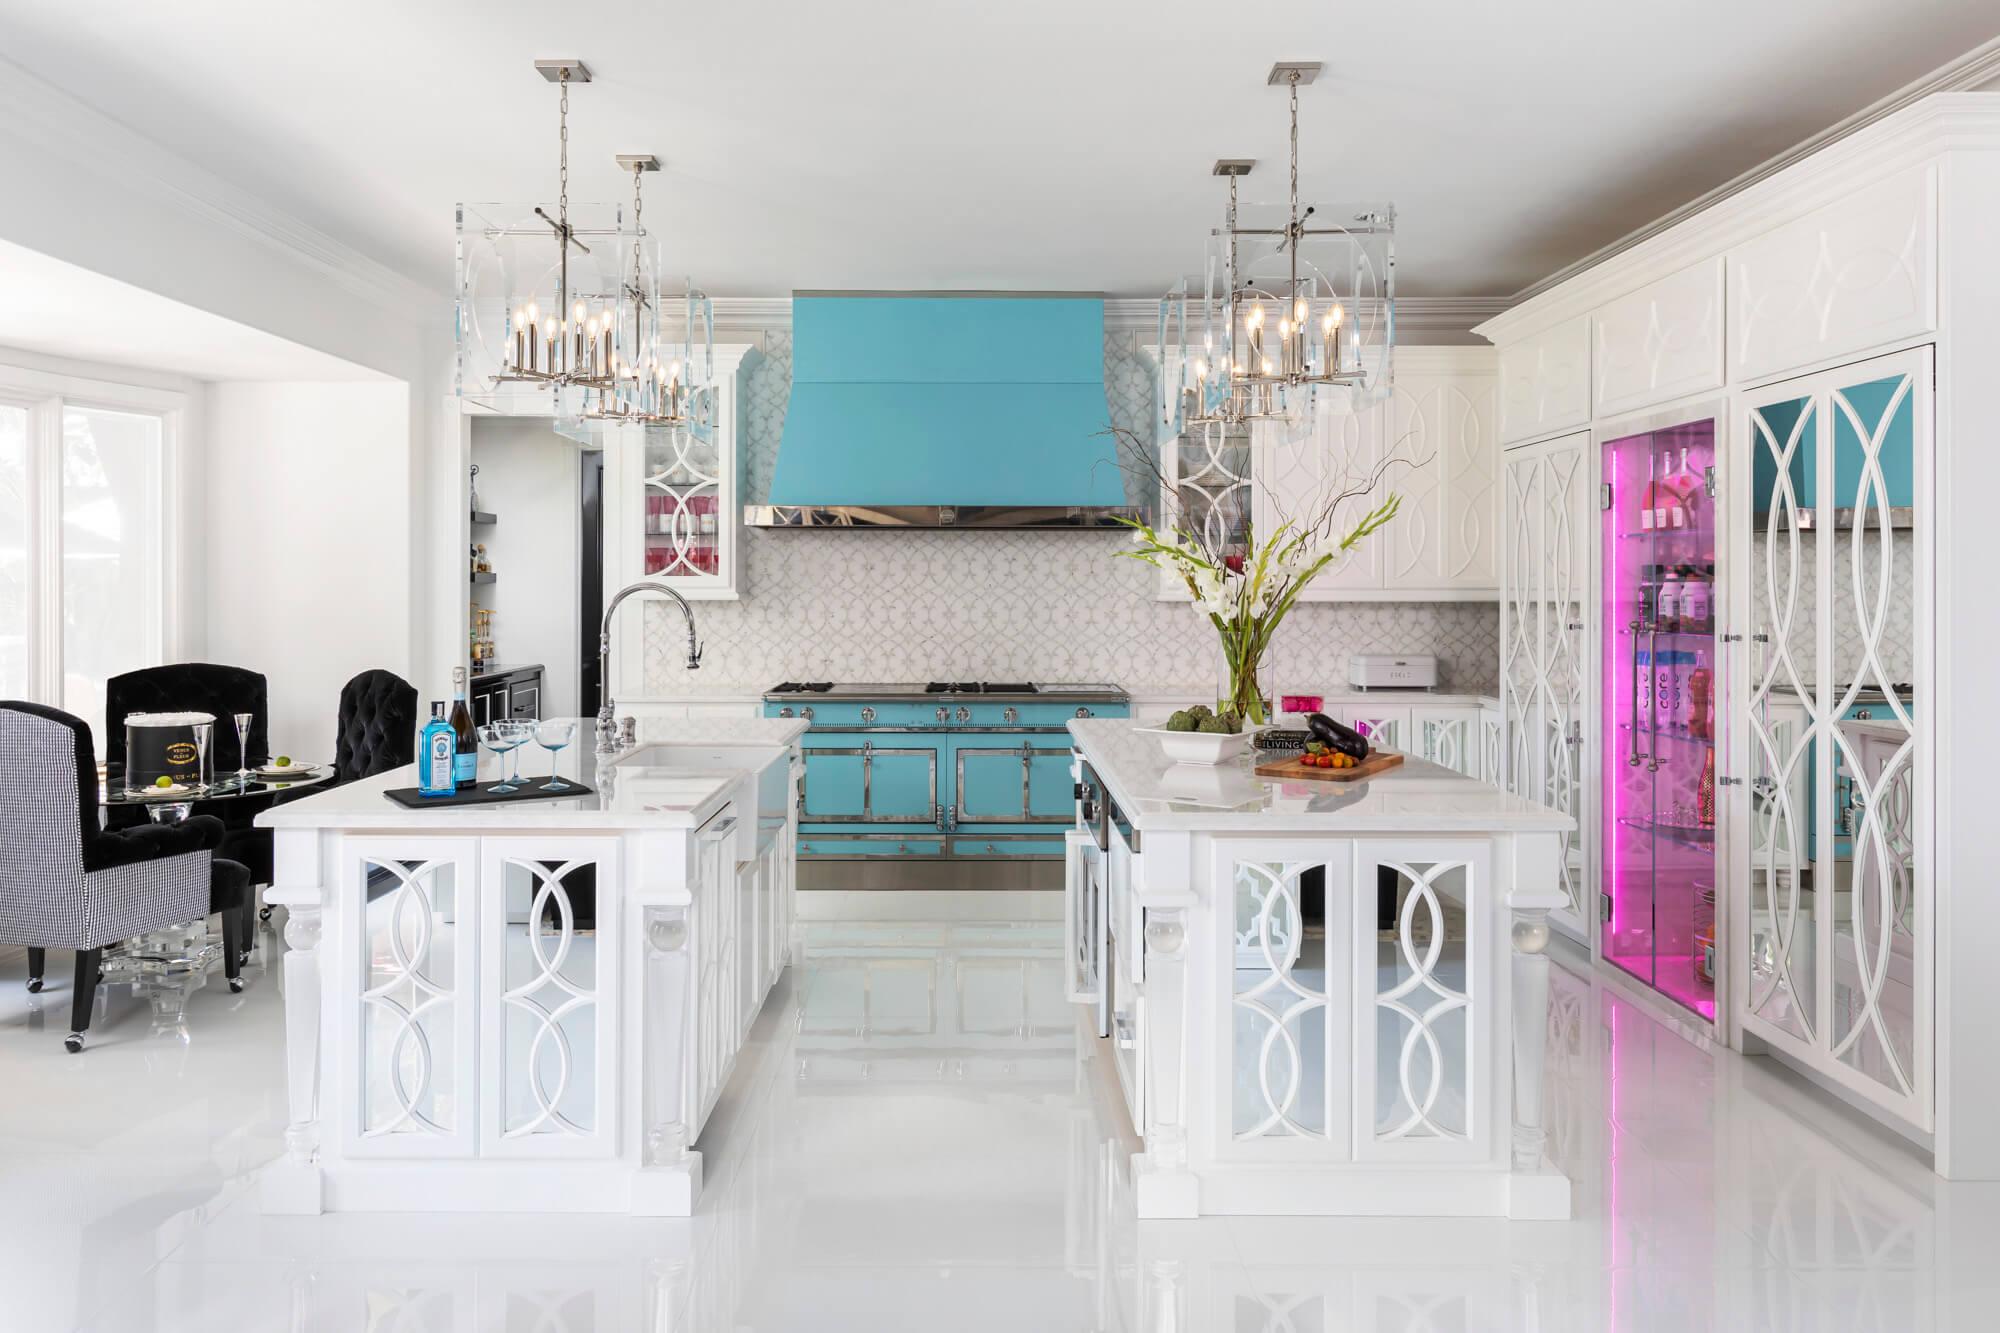 Pink custom beverage center in luxury kitchen remodel.